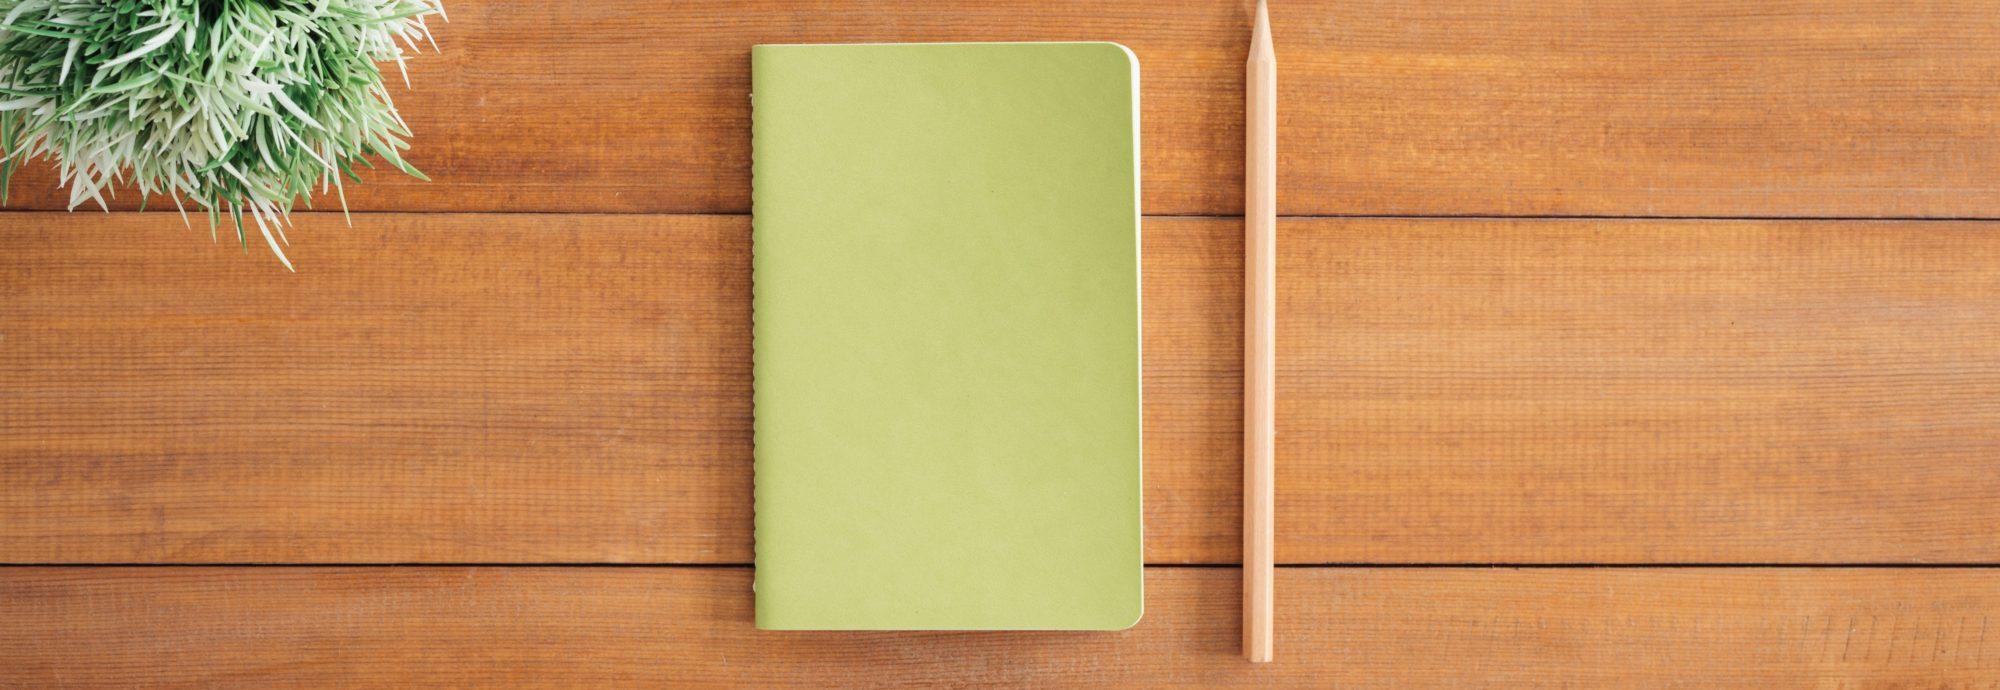 Ein grünes Notizbuch liegt auf einem Holztisch.